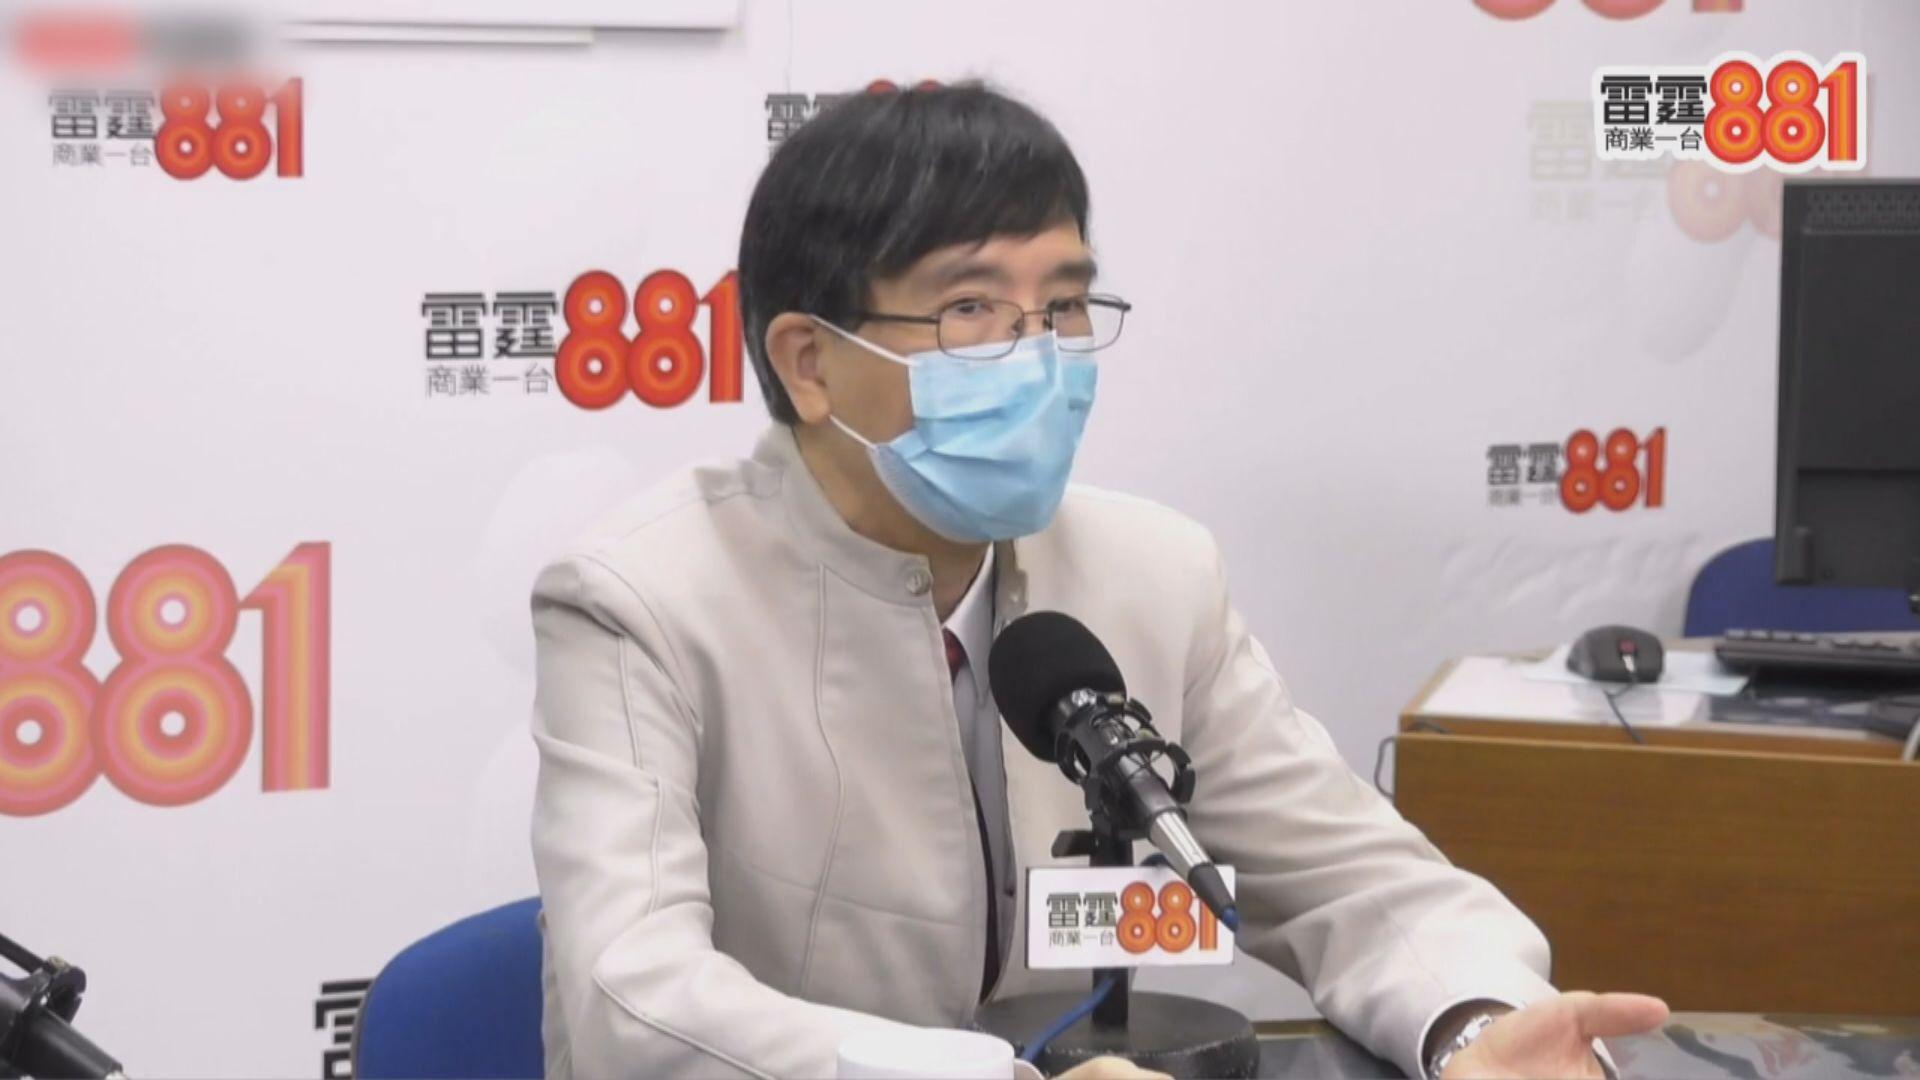 袁國勇:政府五個月都未能做好病毒檢測工作 進度緩慢